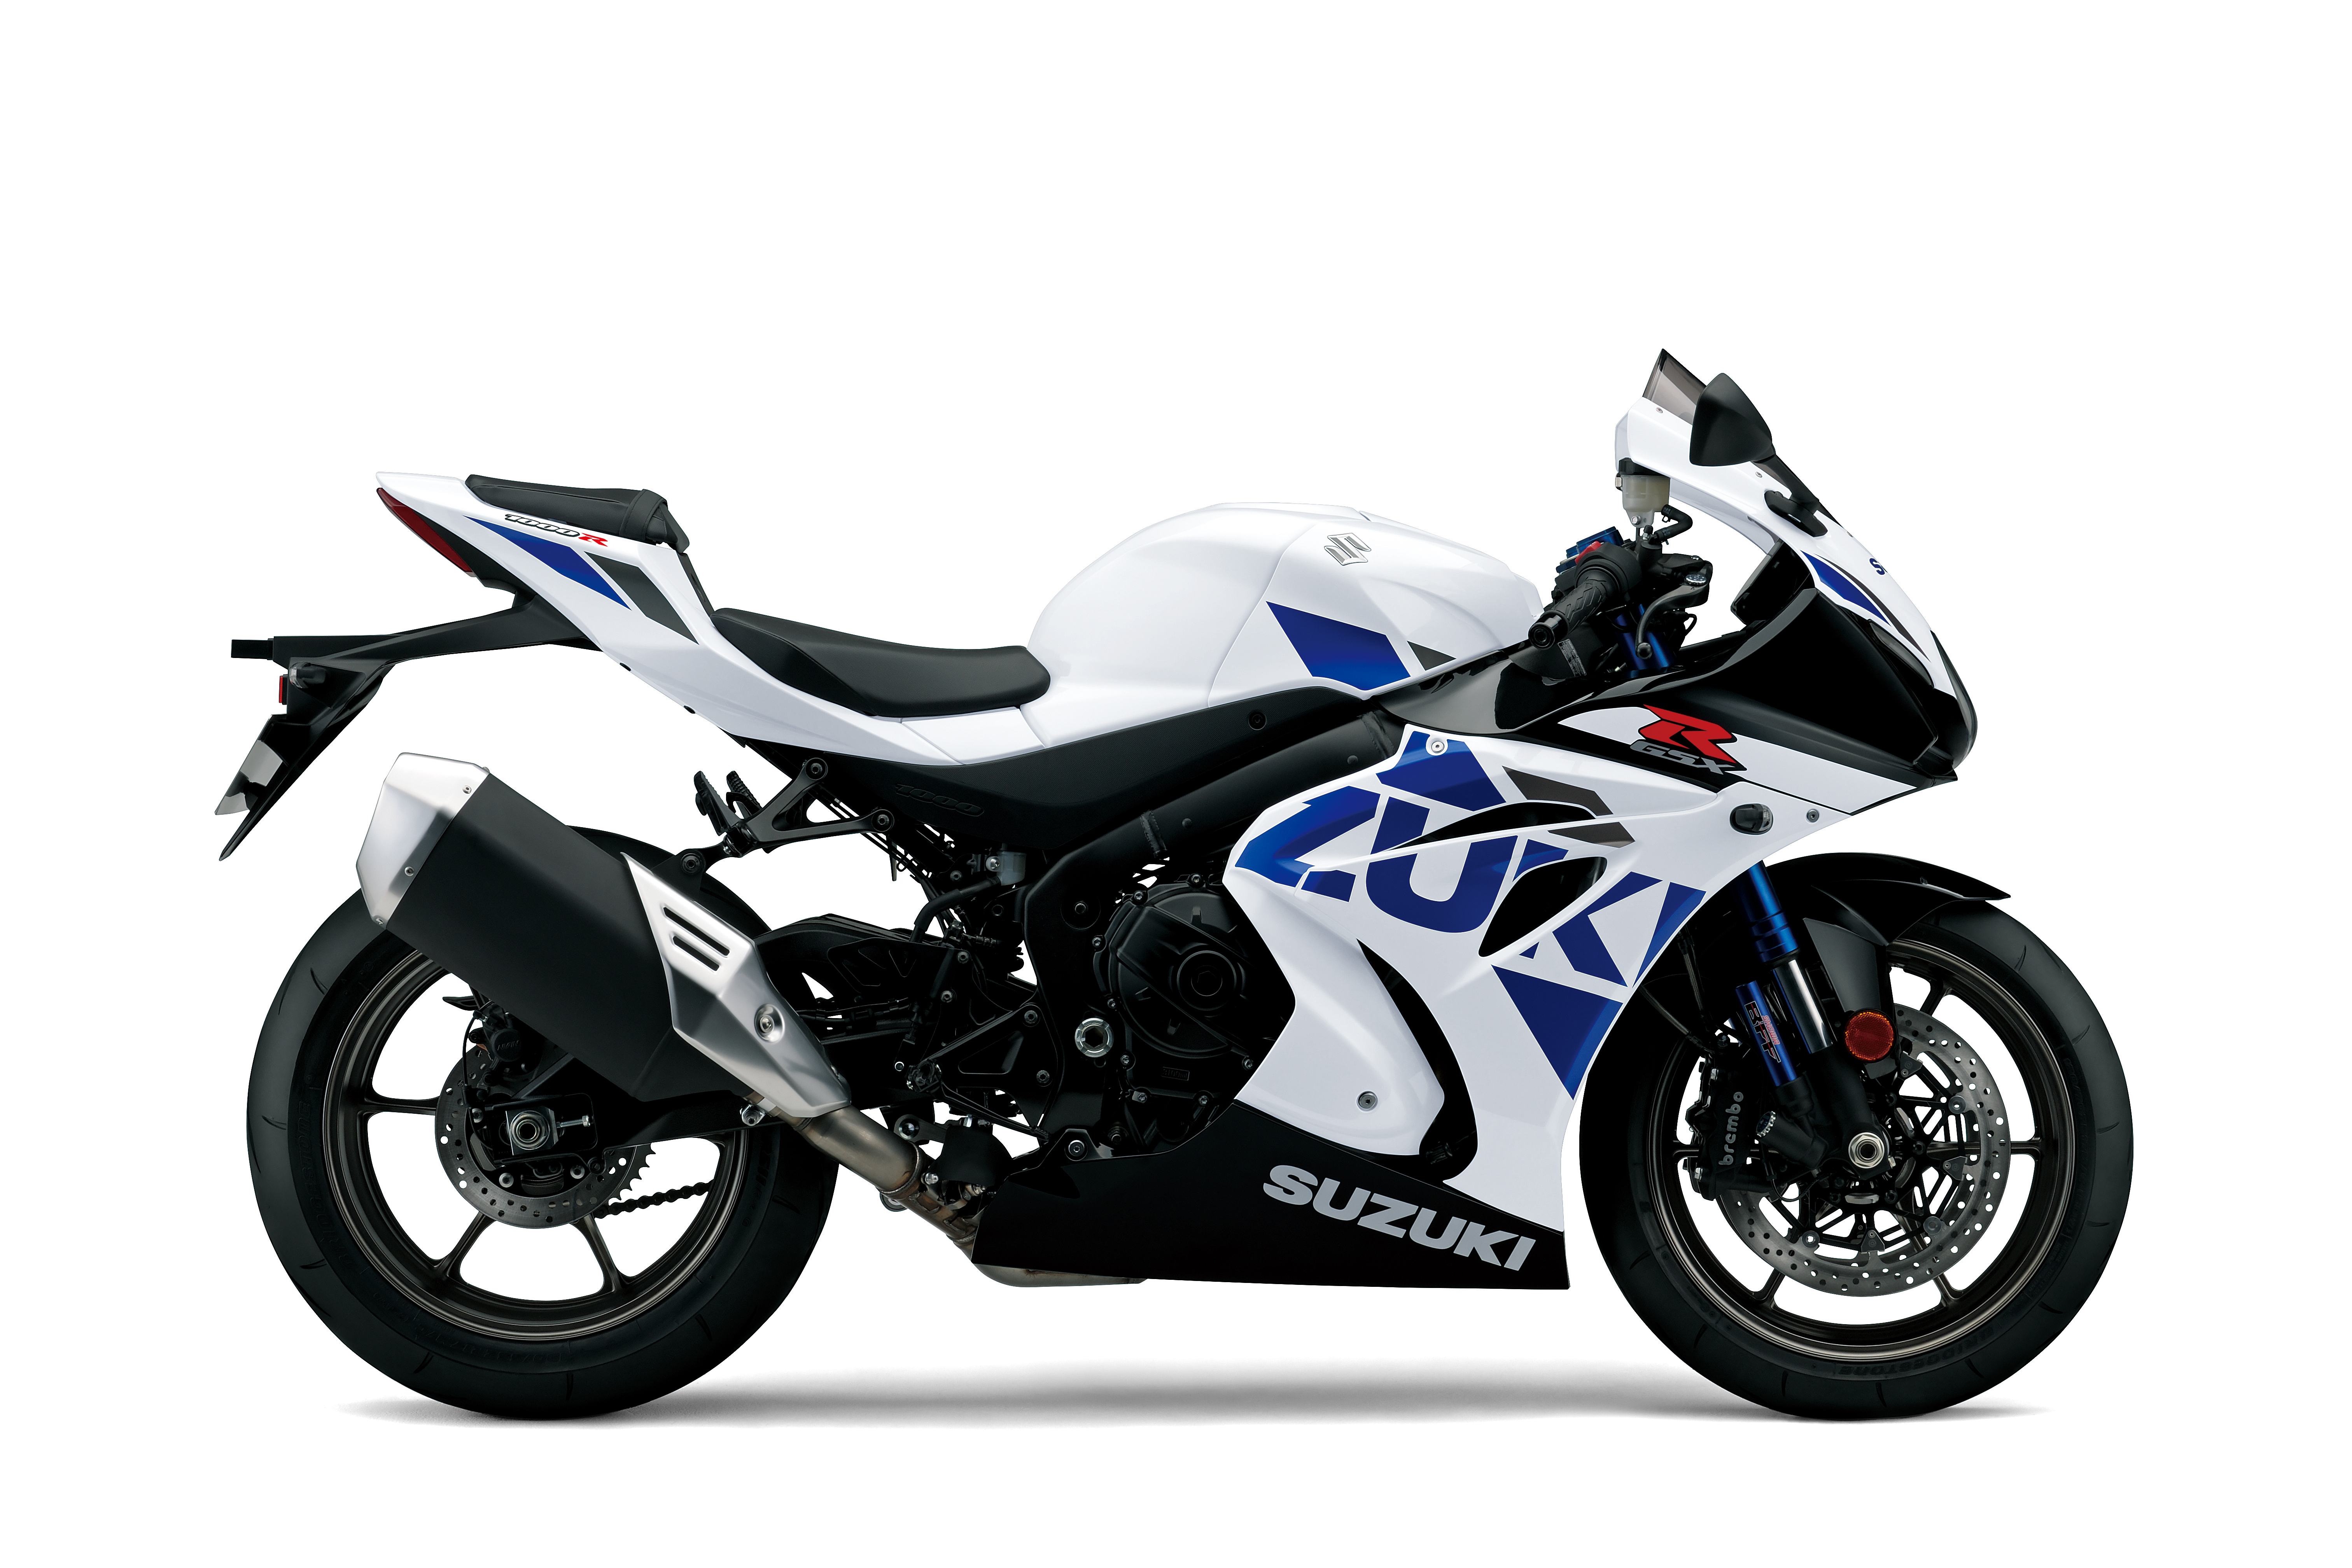 New WhiteSuzuki GSX-R1000R